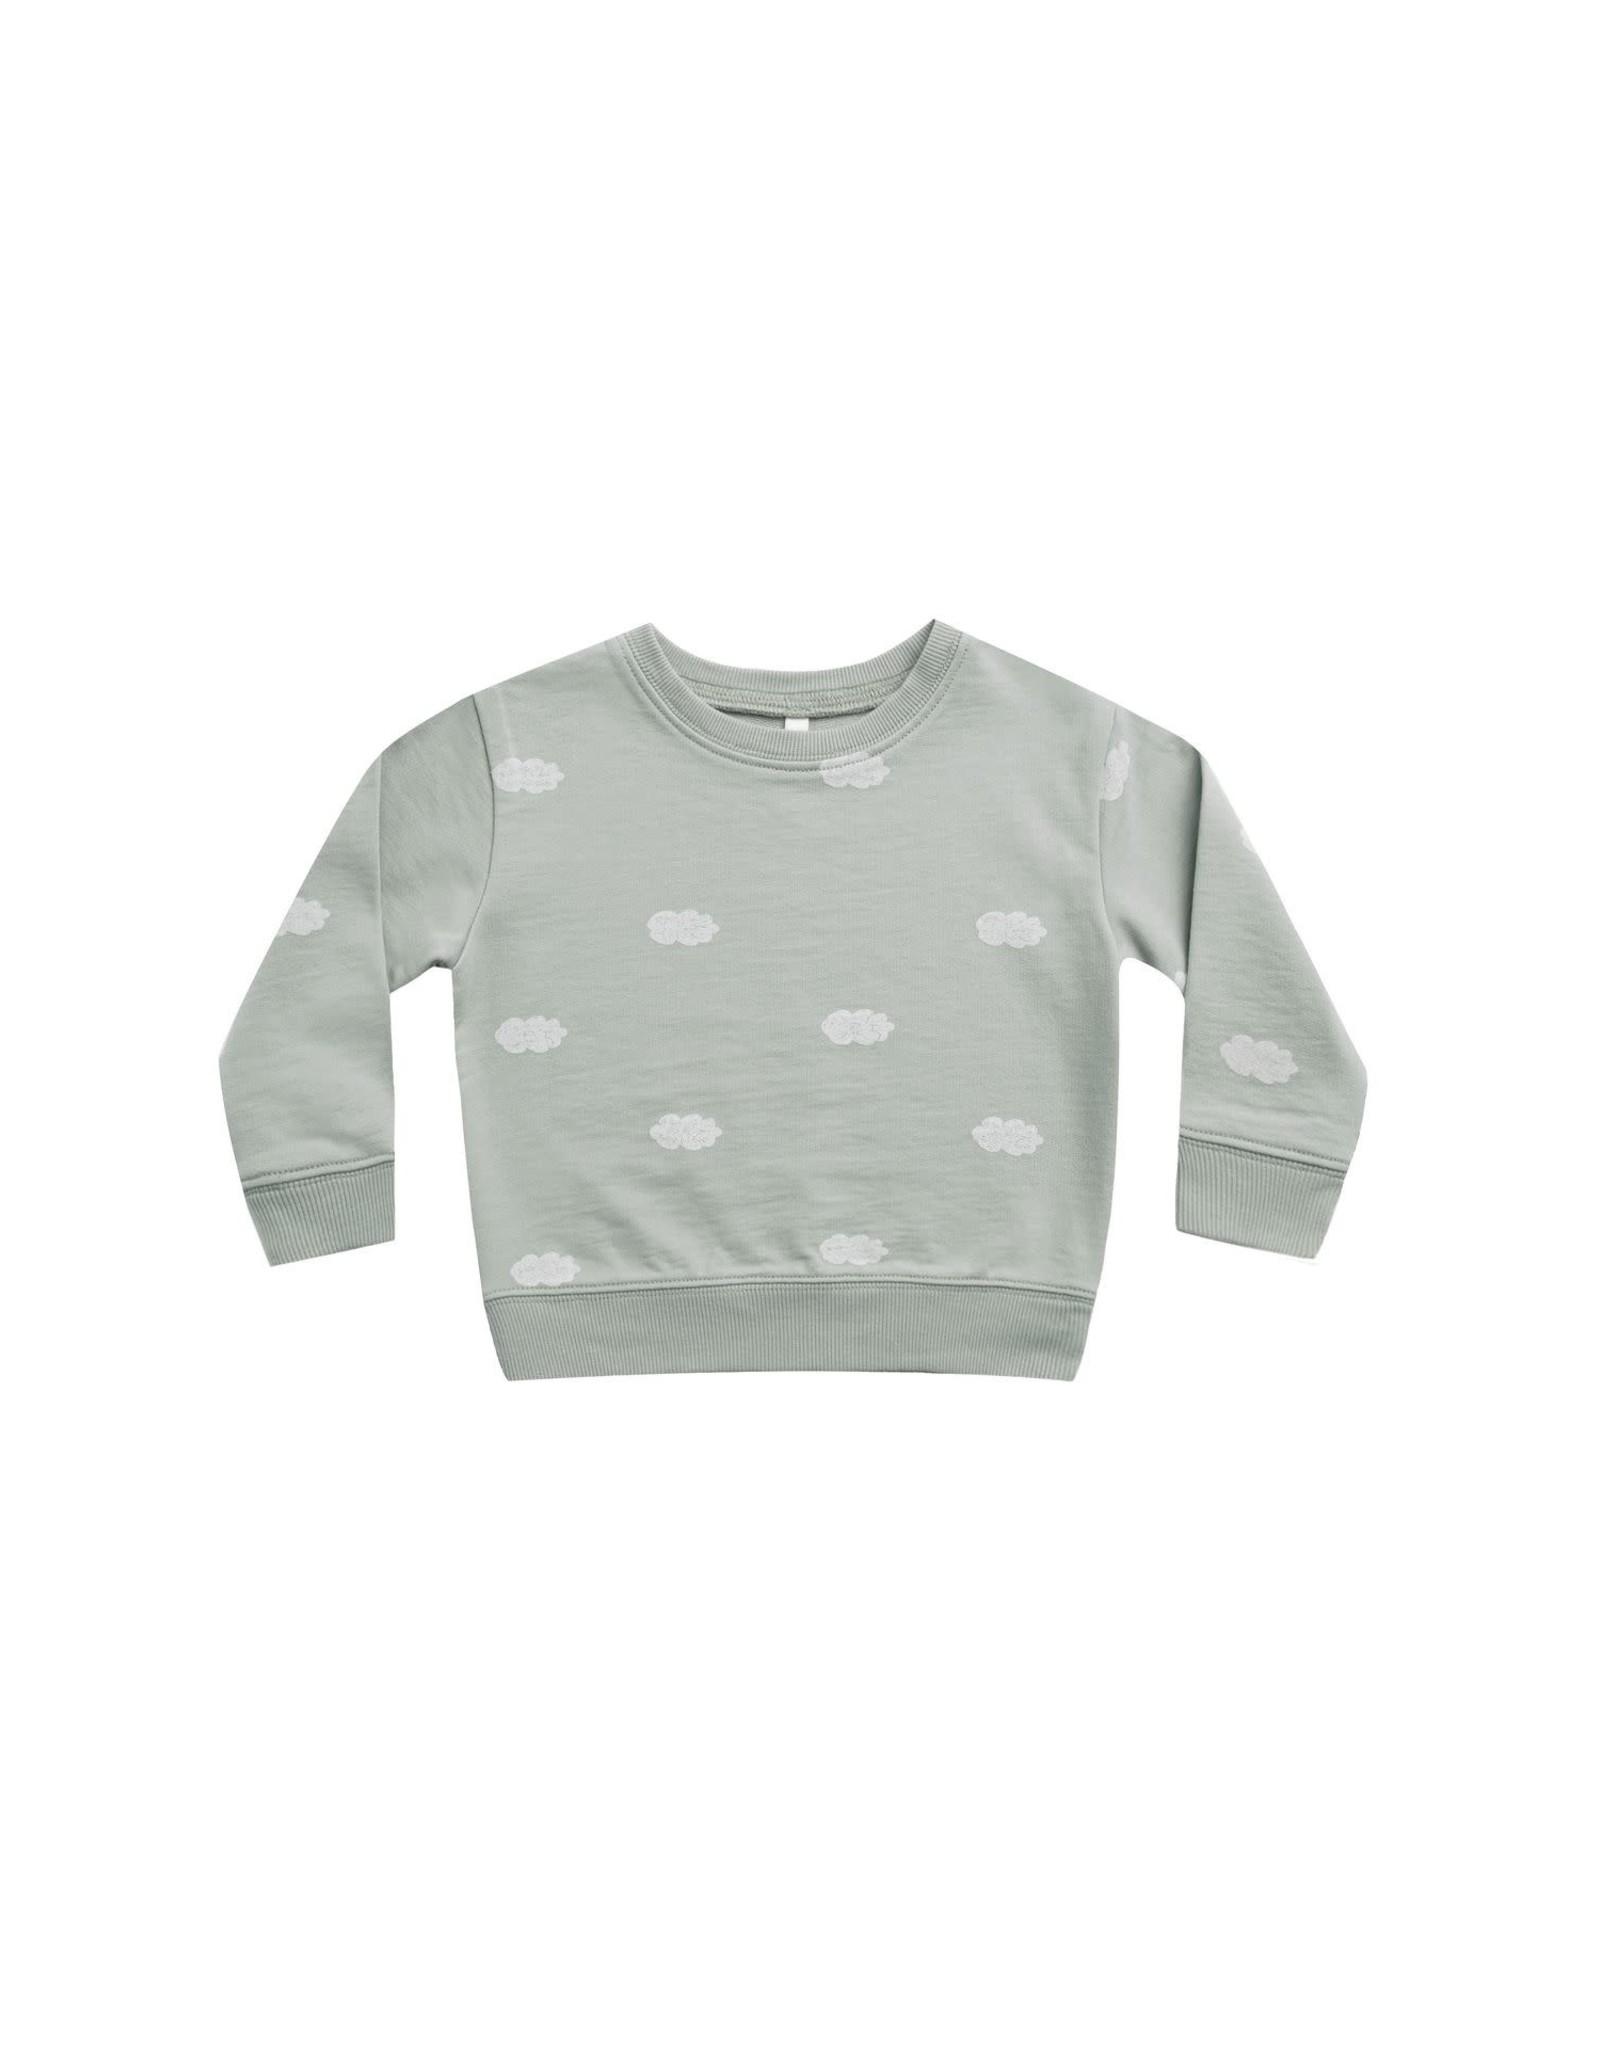 Rylee and Cru sweatshirt- clouds